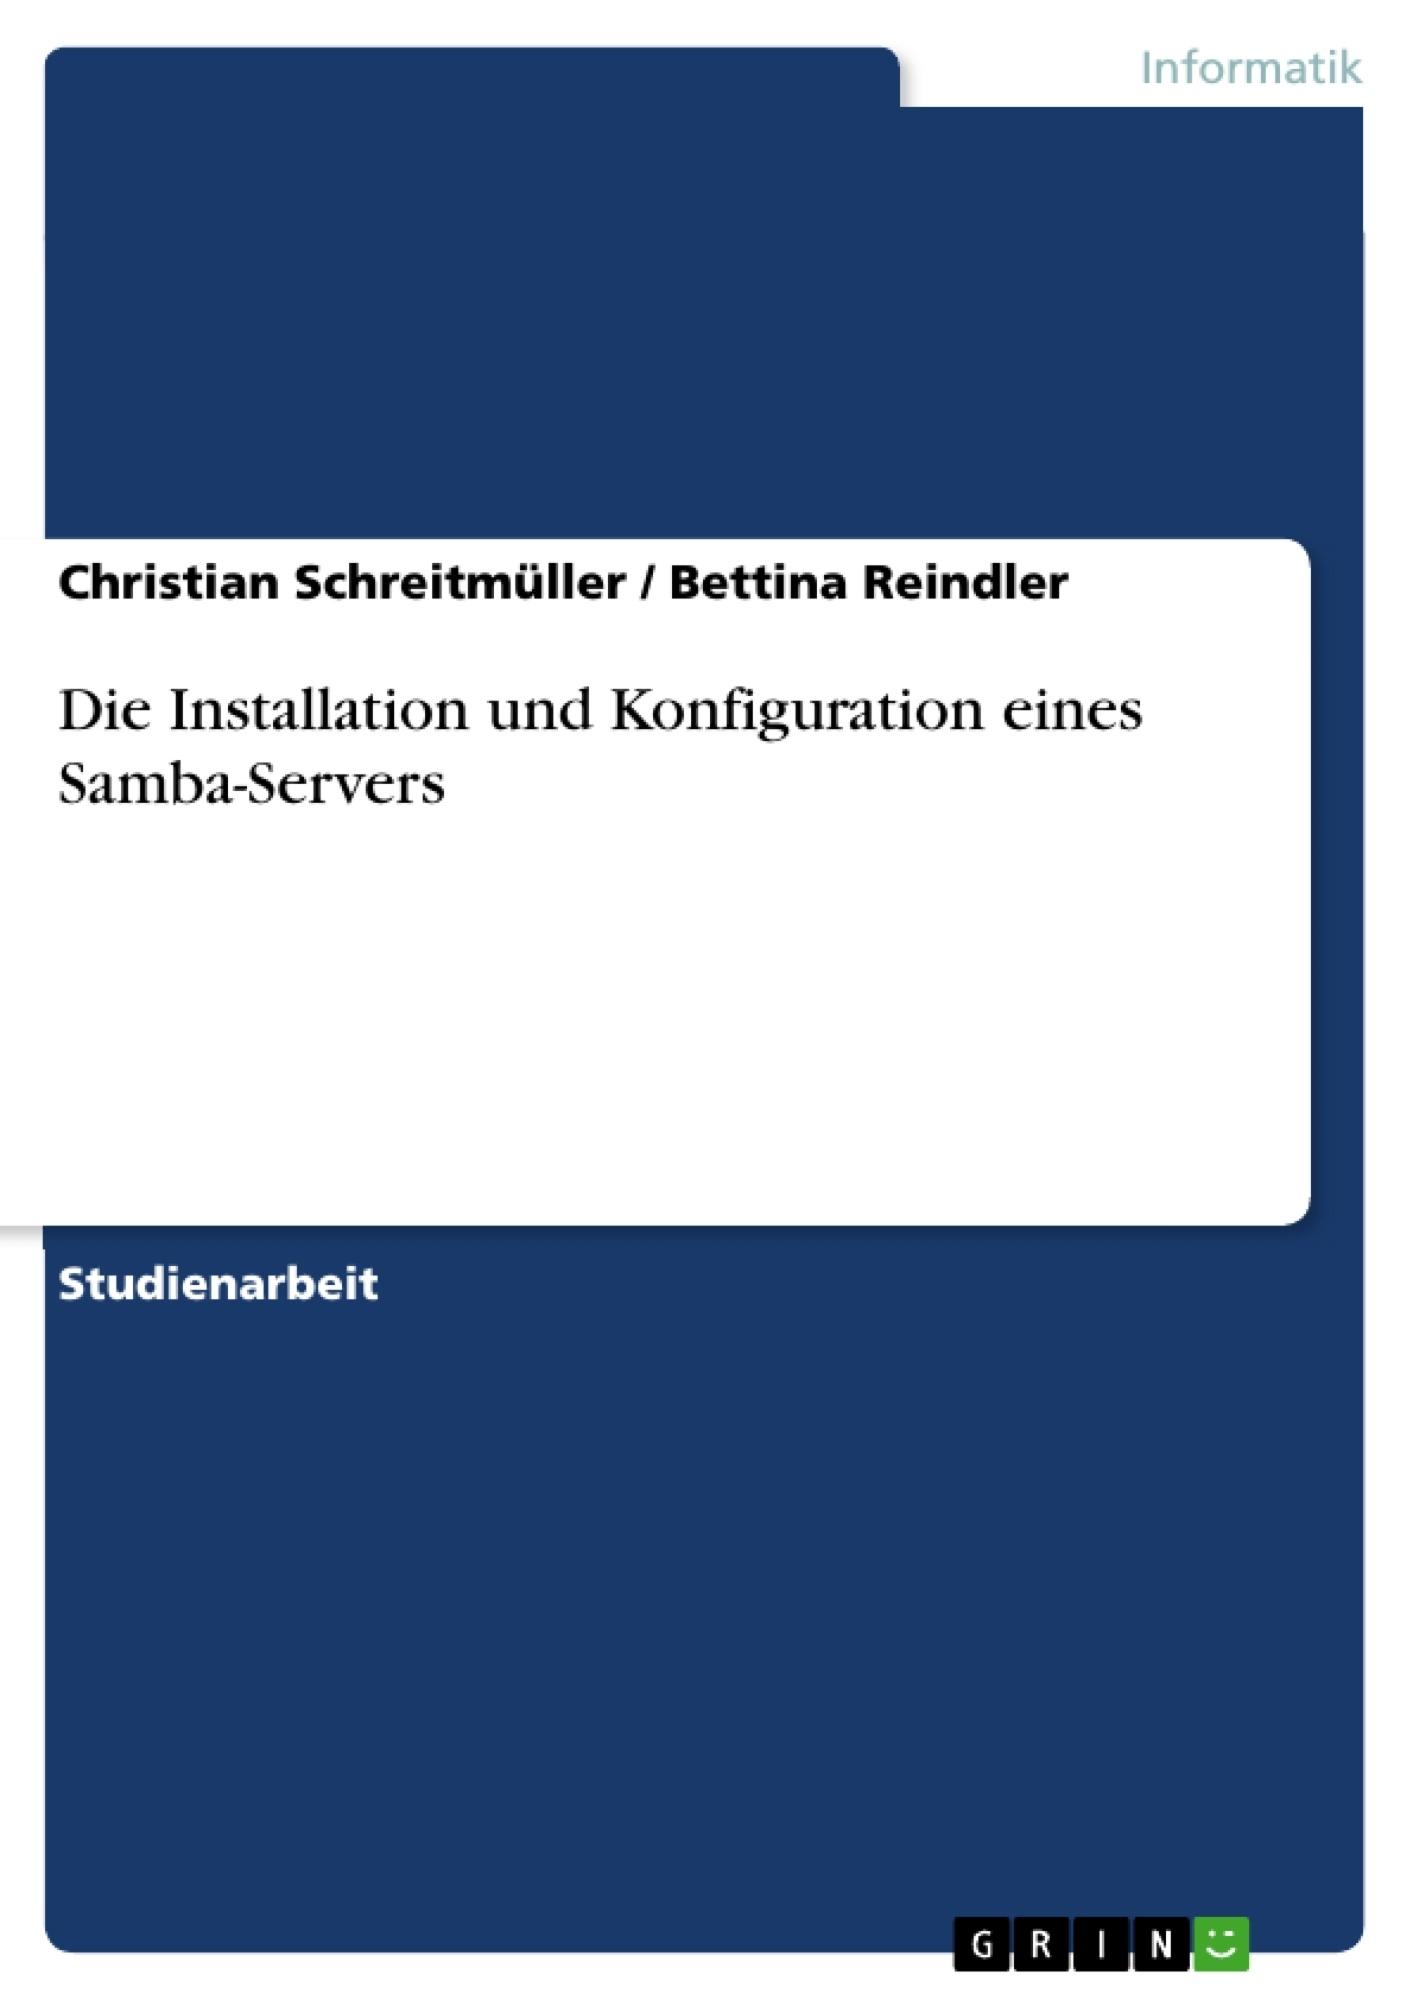 Titel: Die Installation und Konfiguration eines Samba-Servers